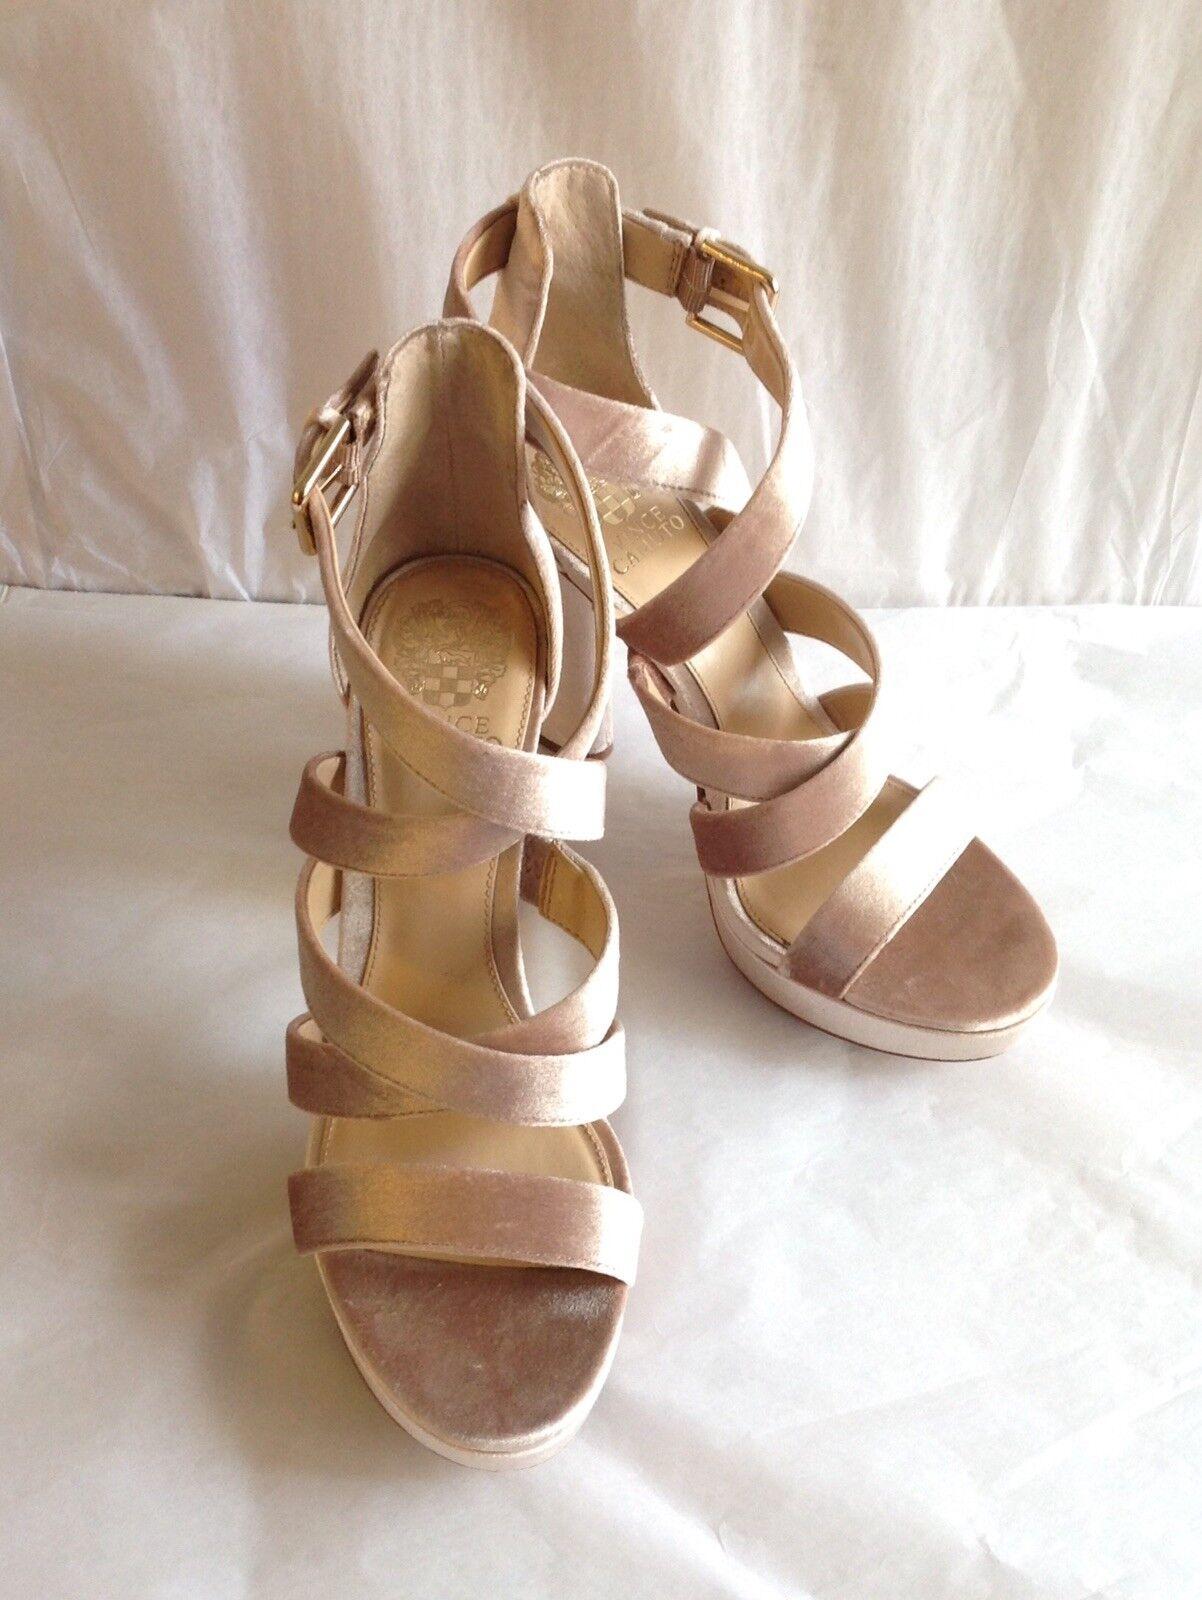 Vince Camuto  Velvet Platform Heels, Größe 9M